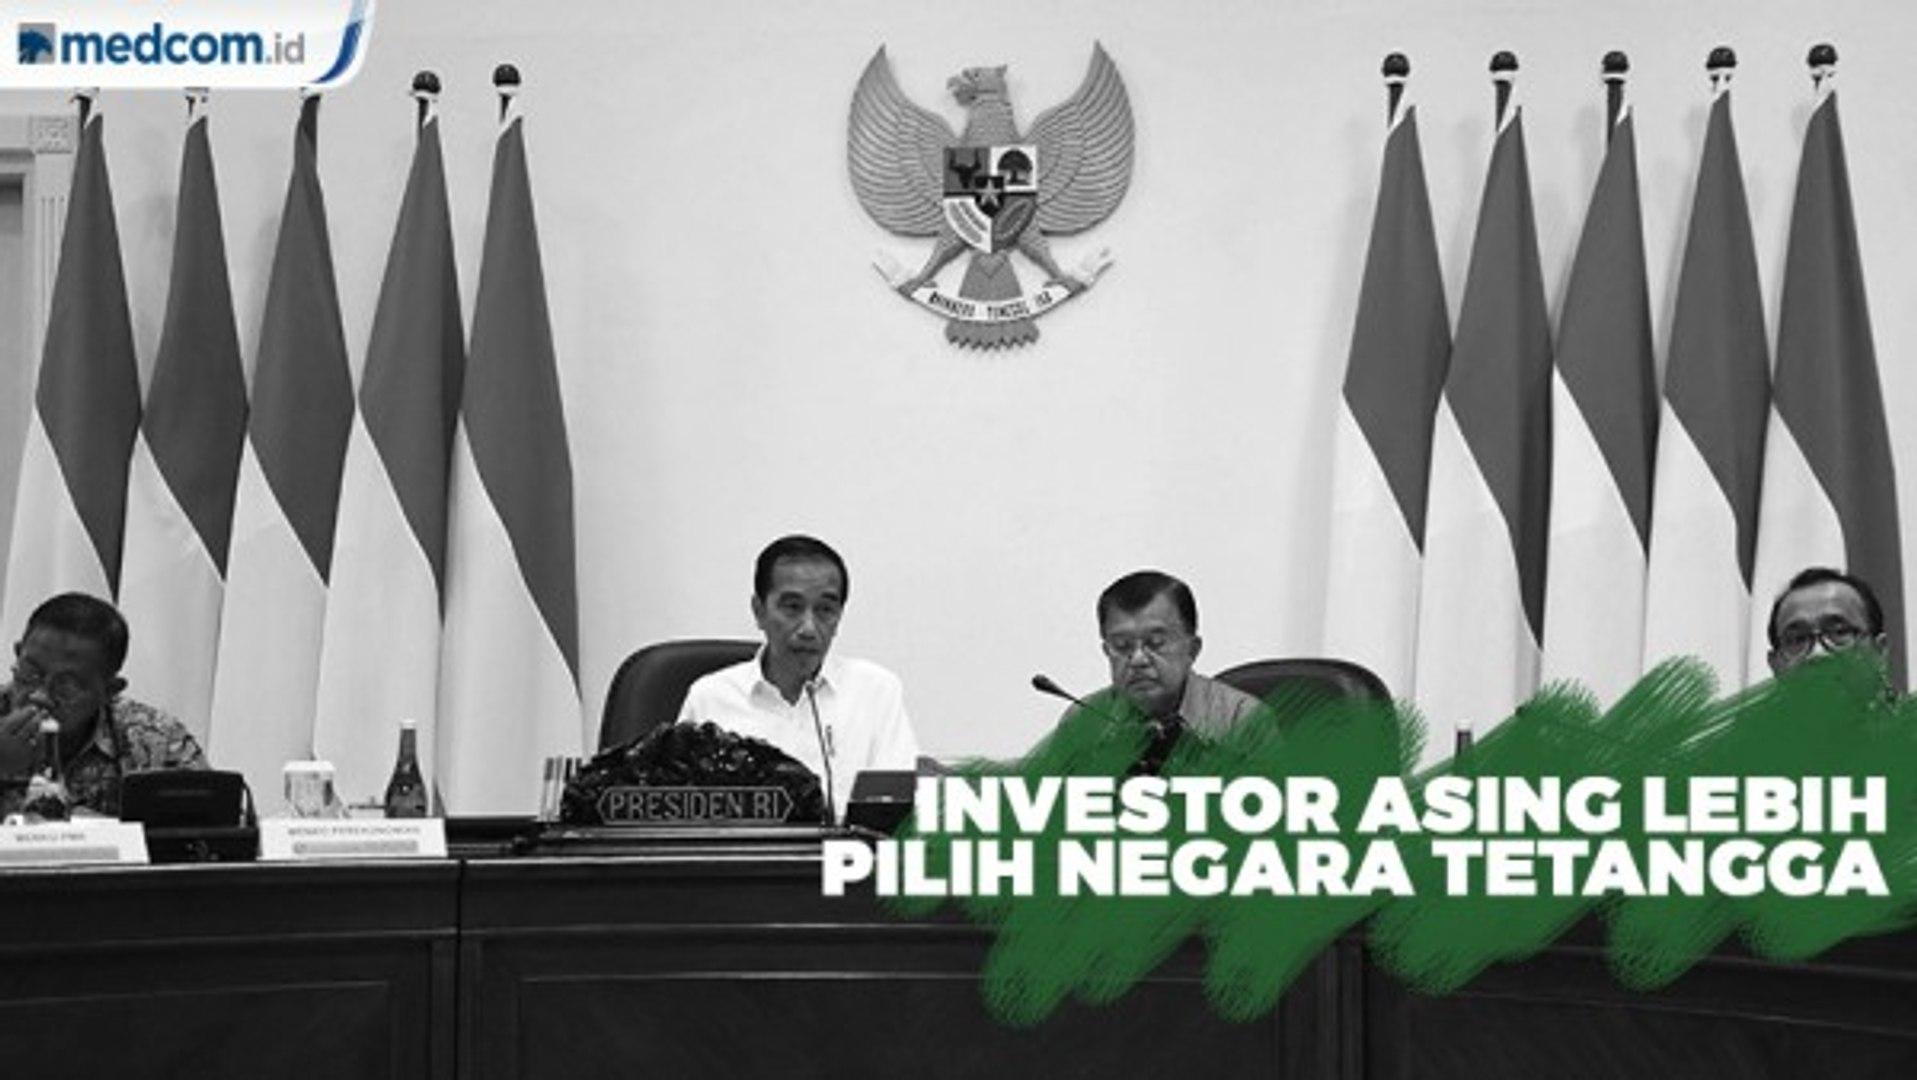 Jokowi Kecewa Investor Asing Pilih Tanam Modal ke Negara Tetangga